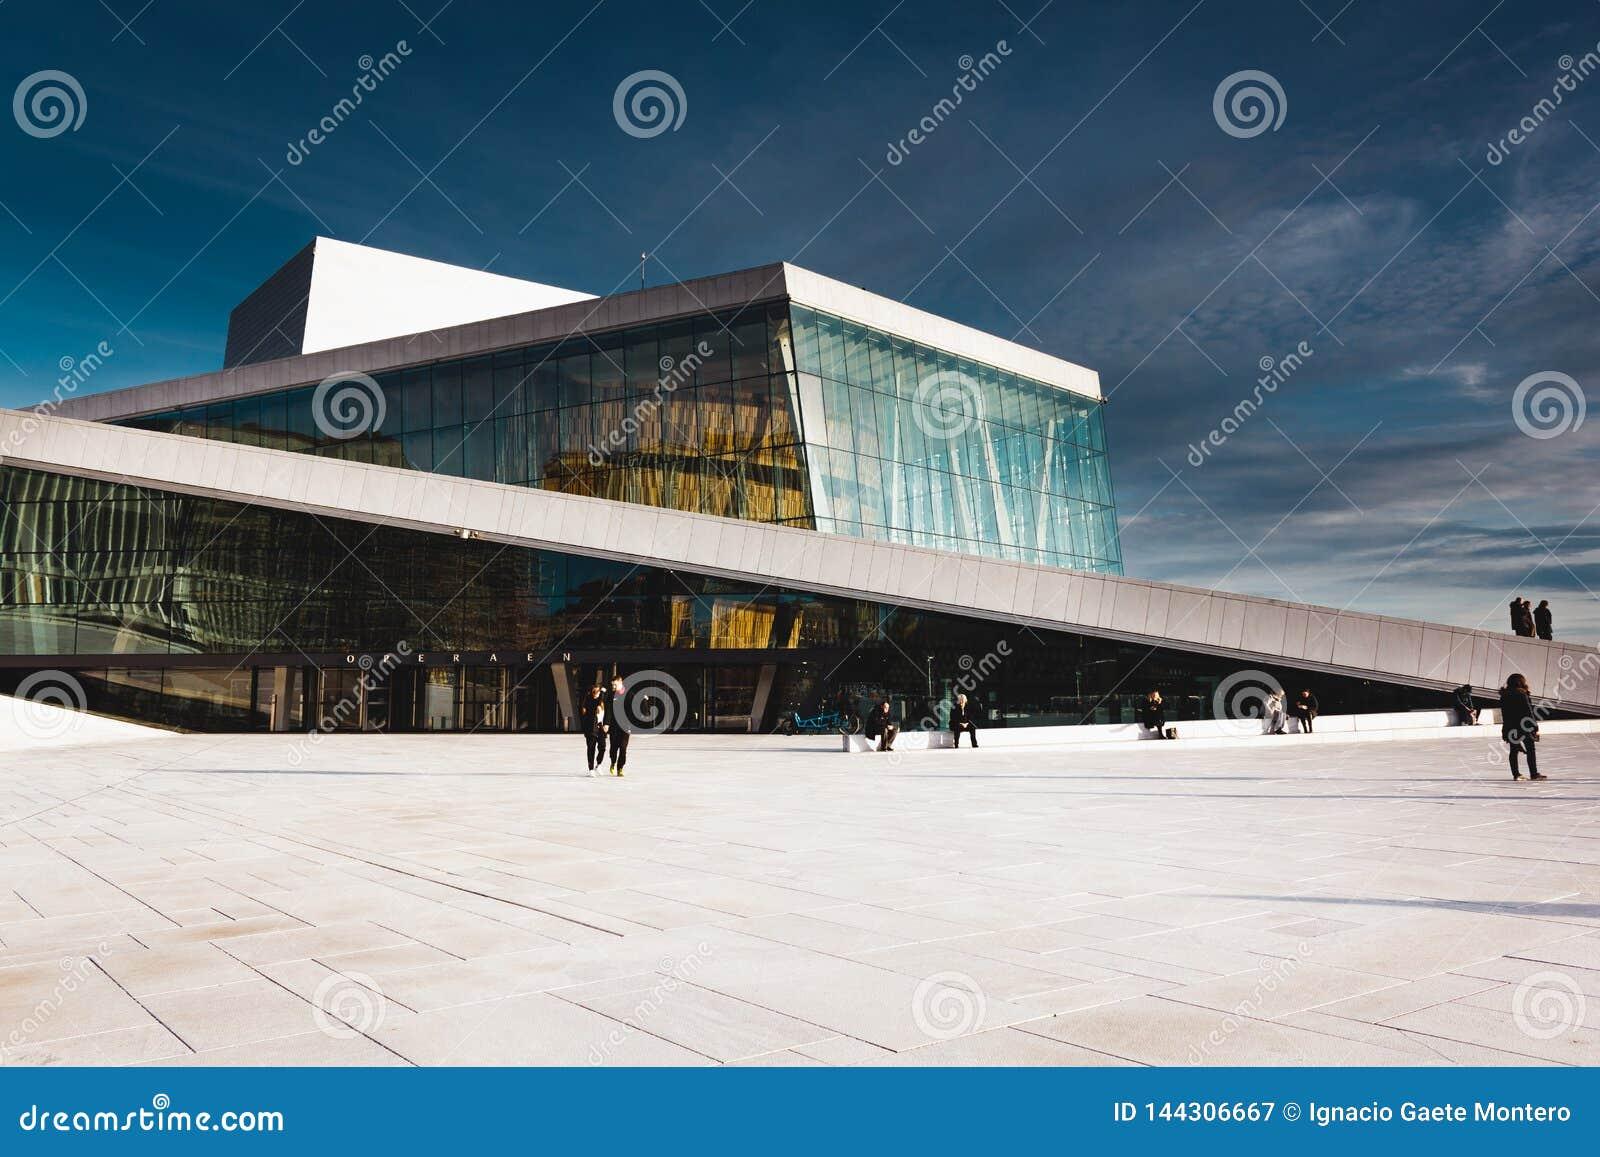 Оперный театр Осло, Operahuset